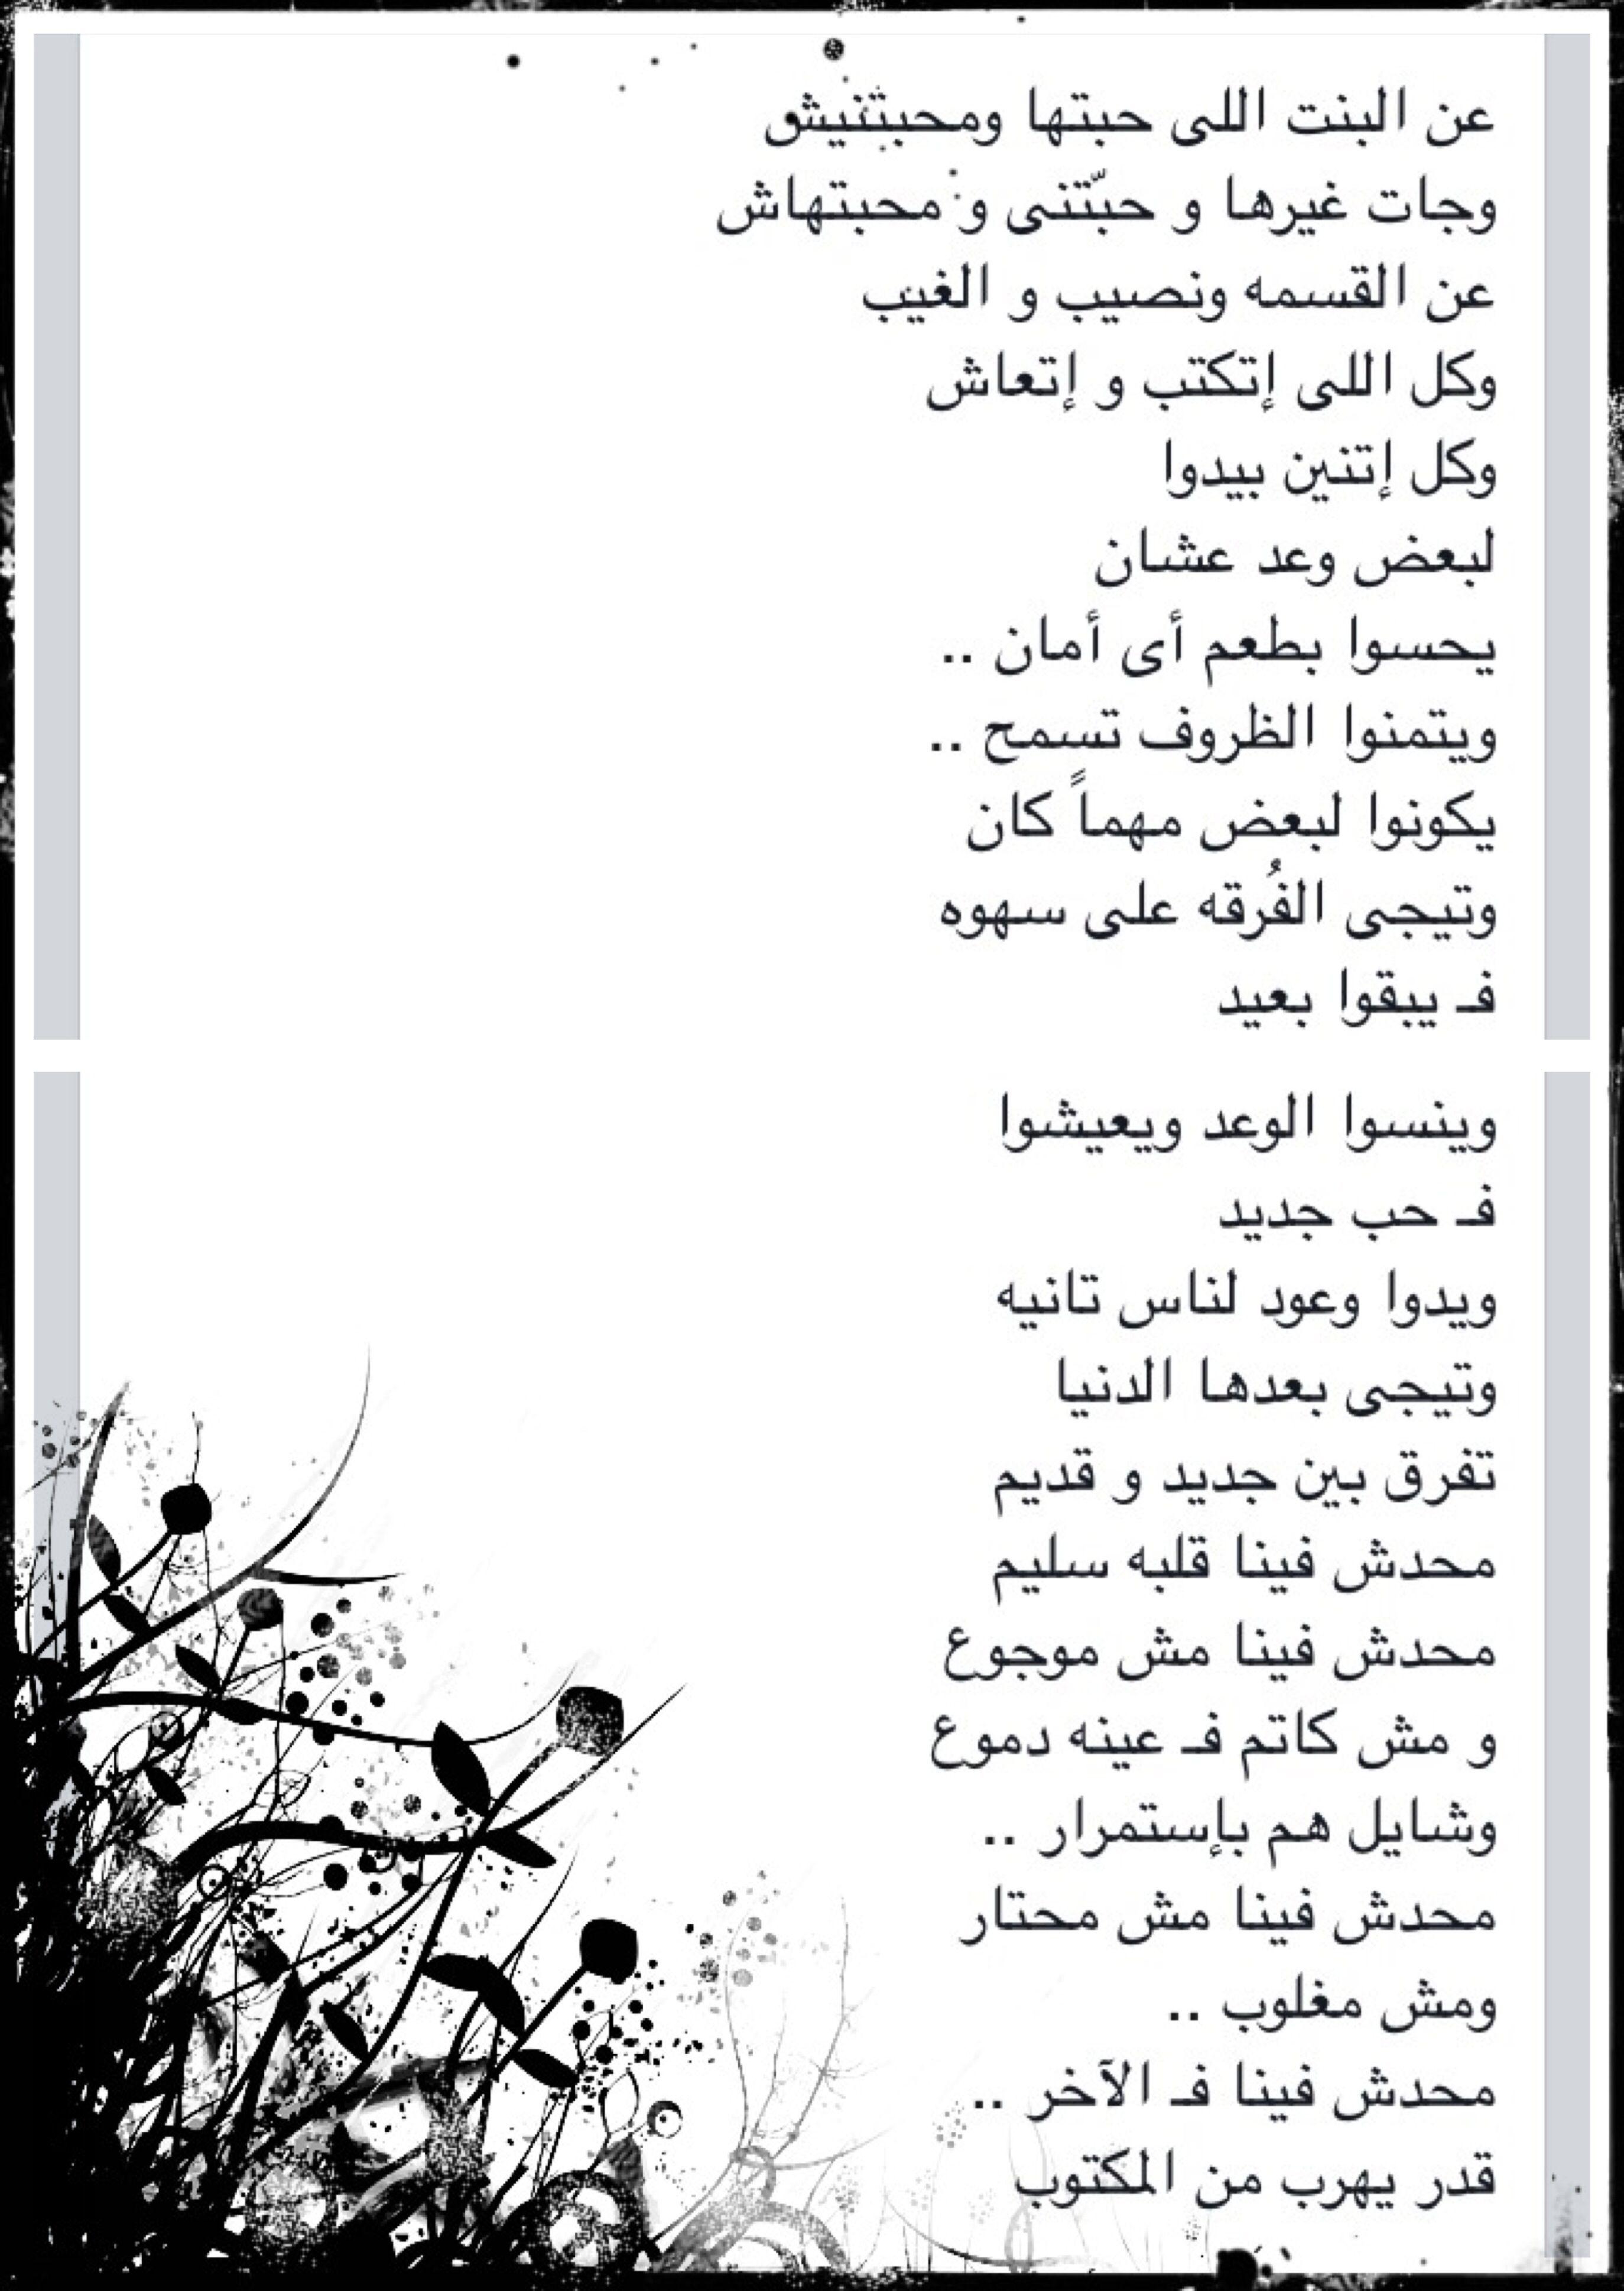 عن البنت محمد ابراهيم Arabic Quotes Favorite Quotes Quotes